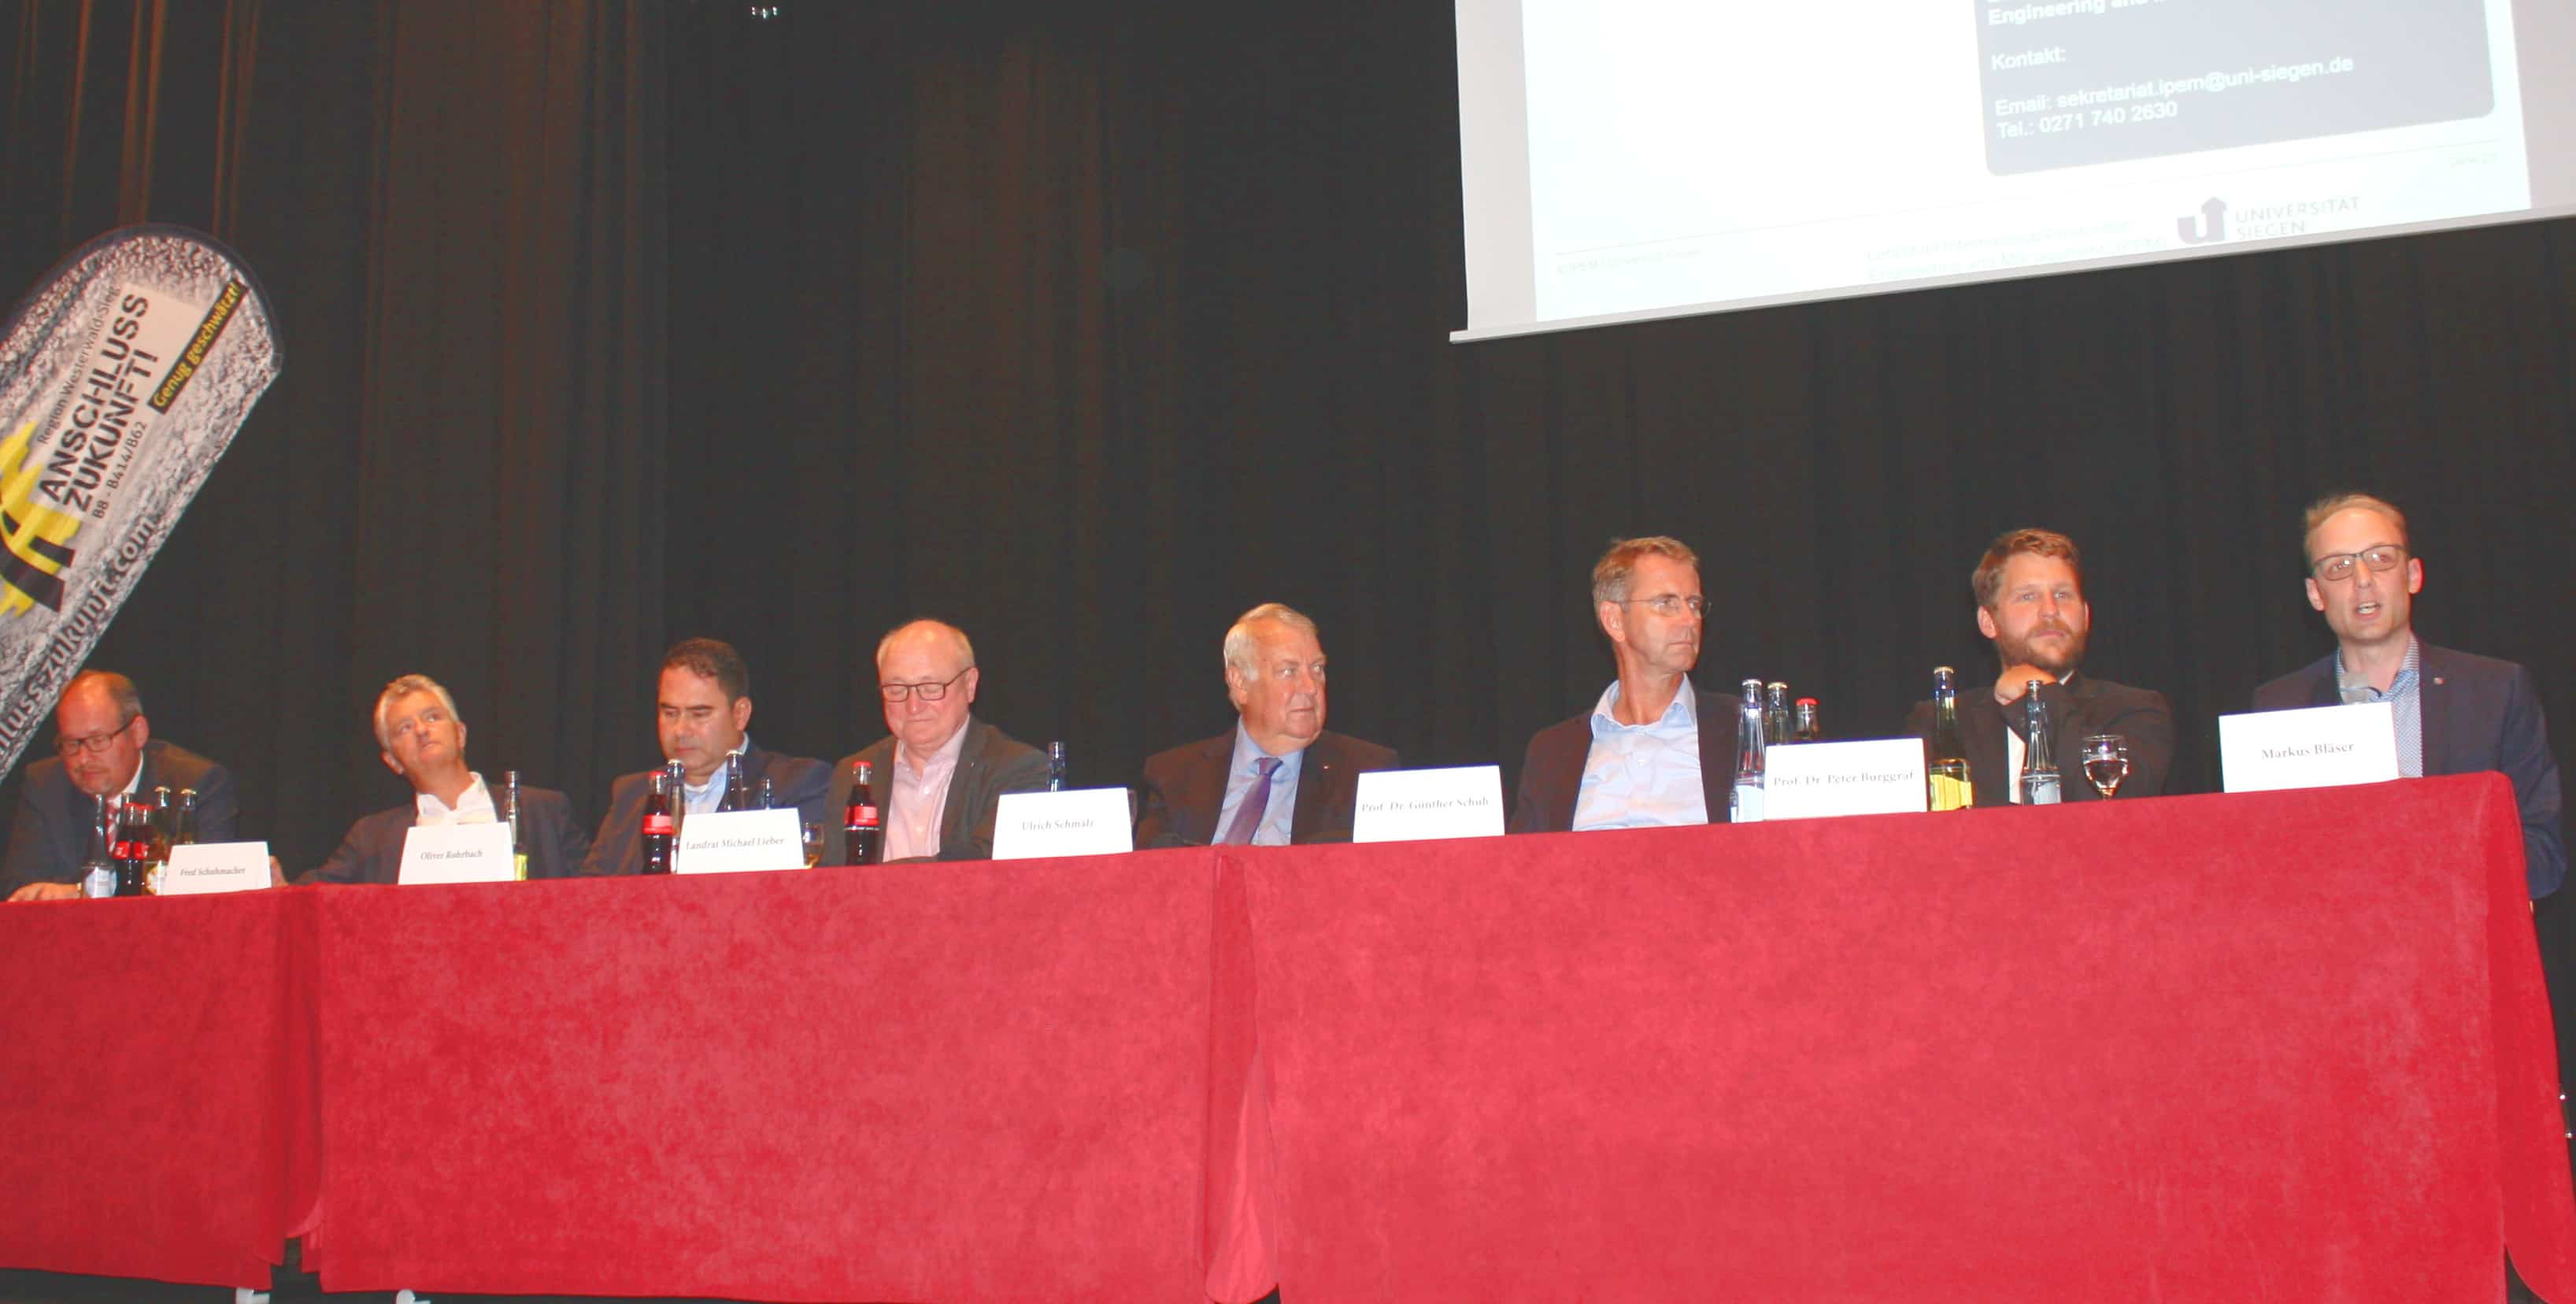 Podiumsteilnehmer diskutieren über Lösungsansätze